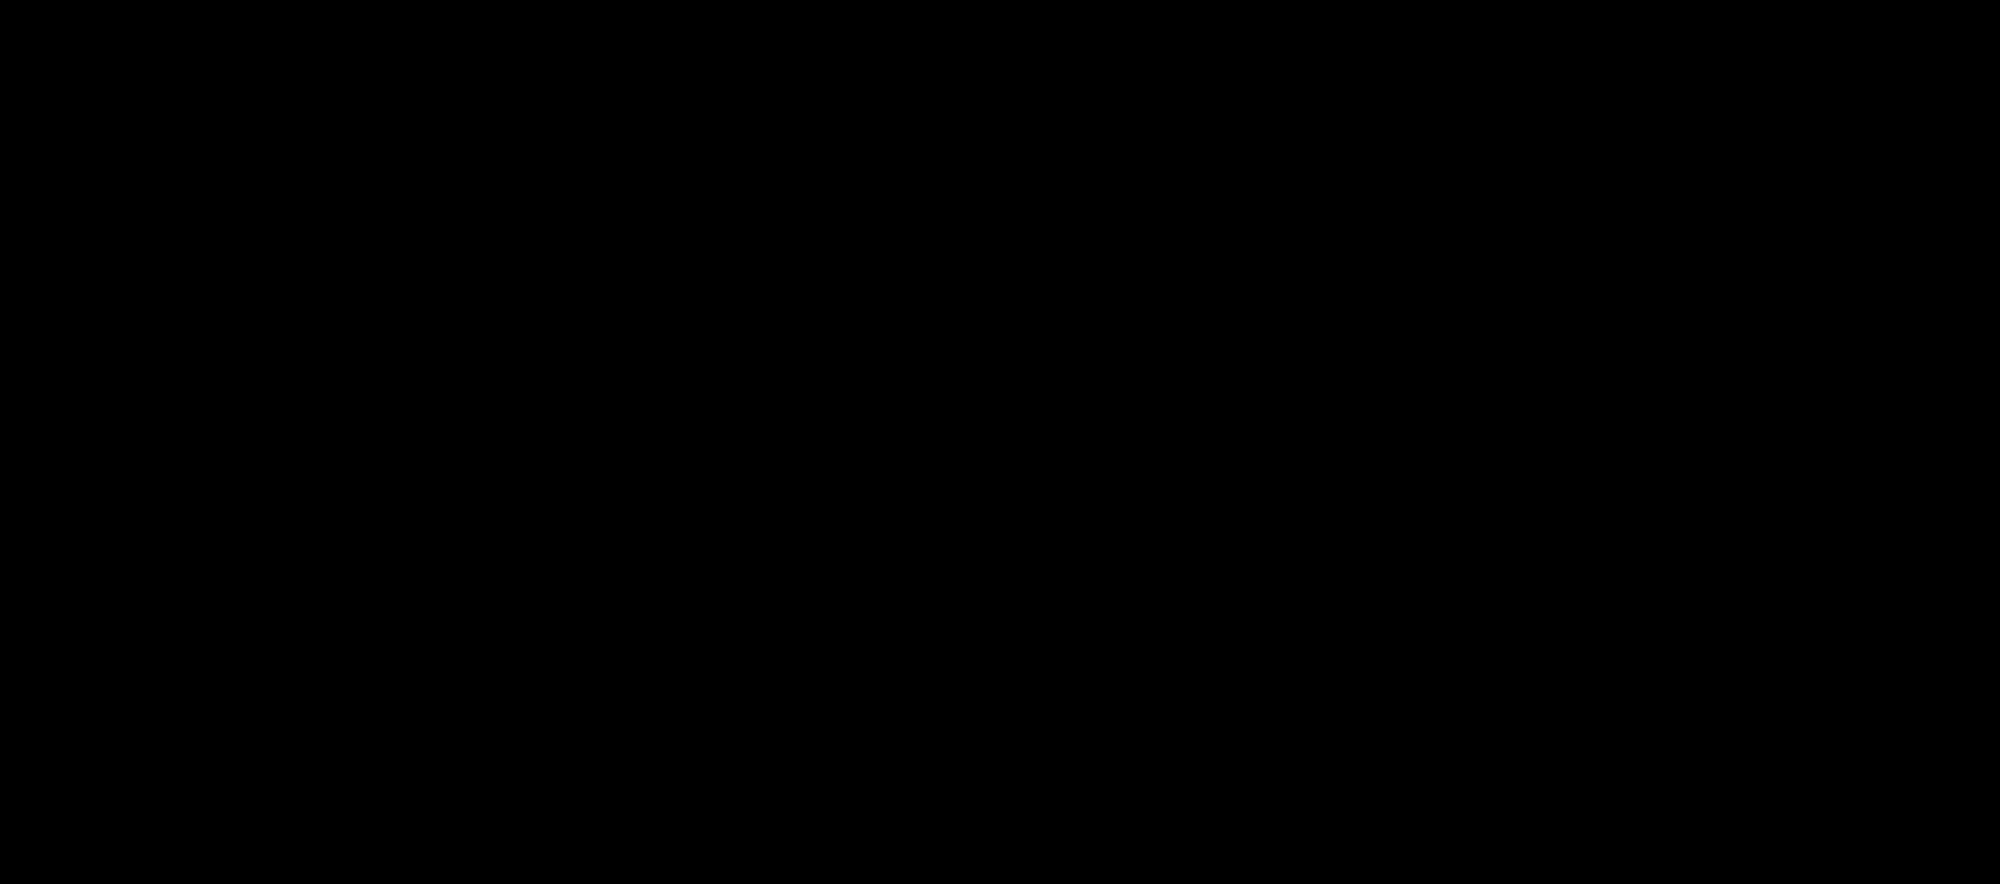 PXG22